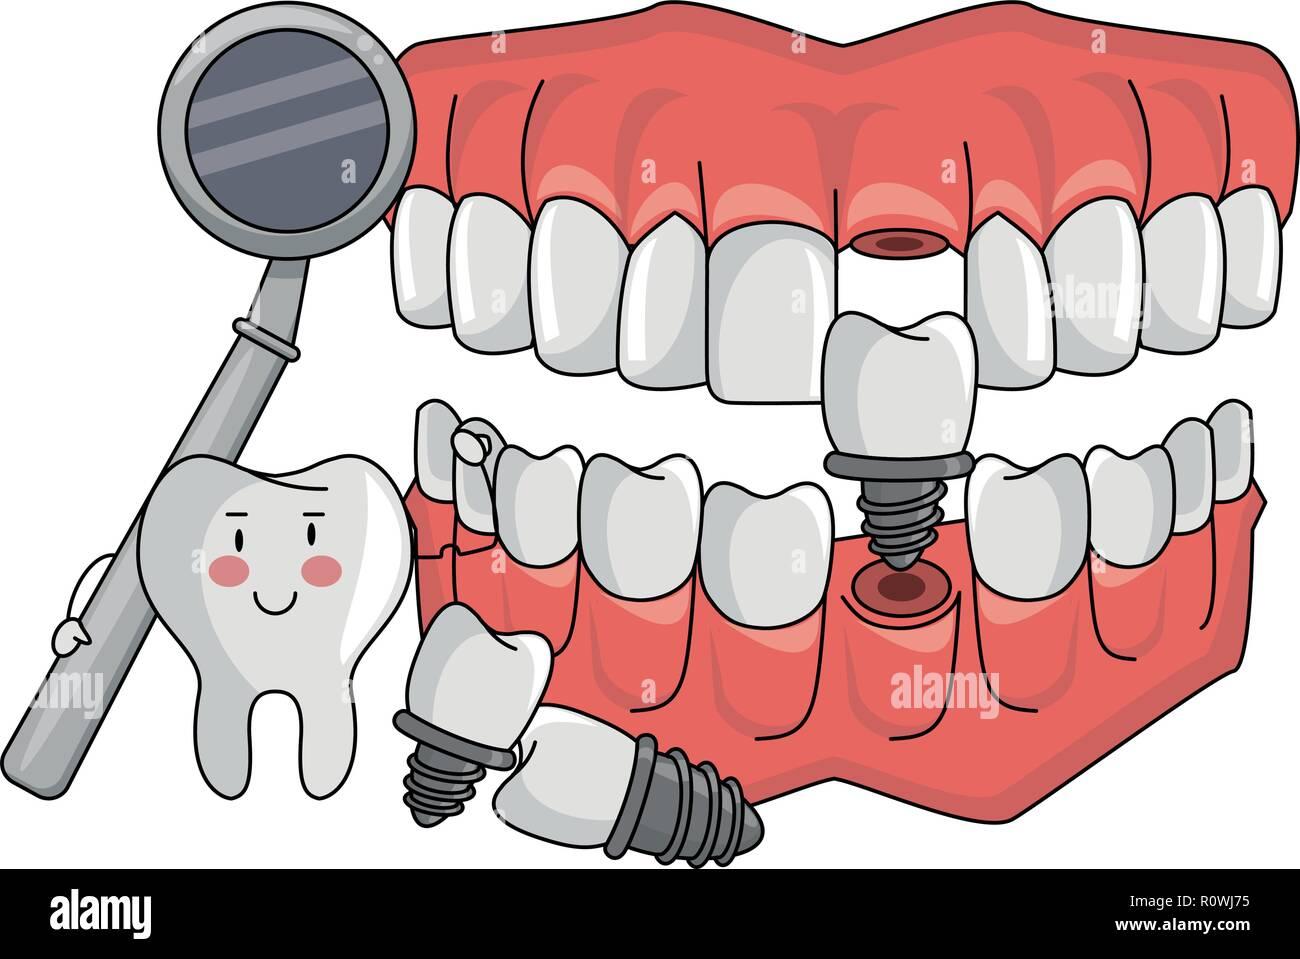 tooth fixing denture cartoon - Stock Image